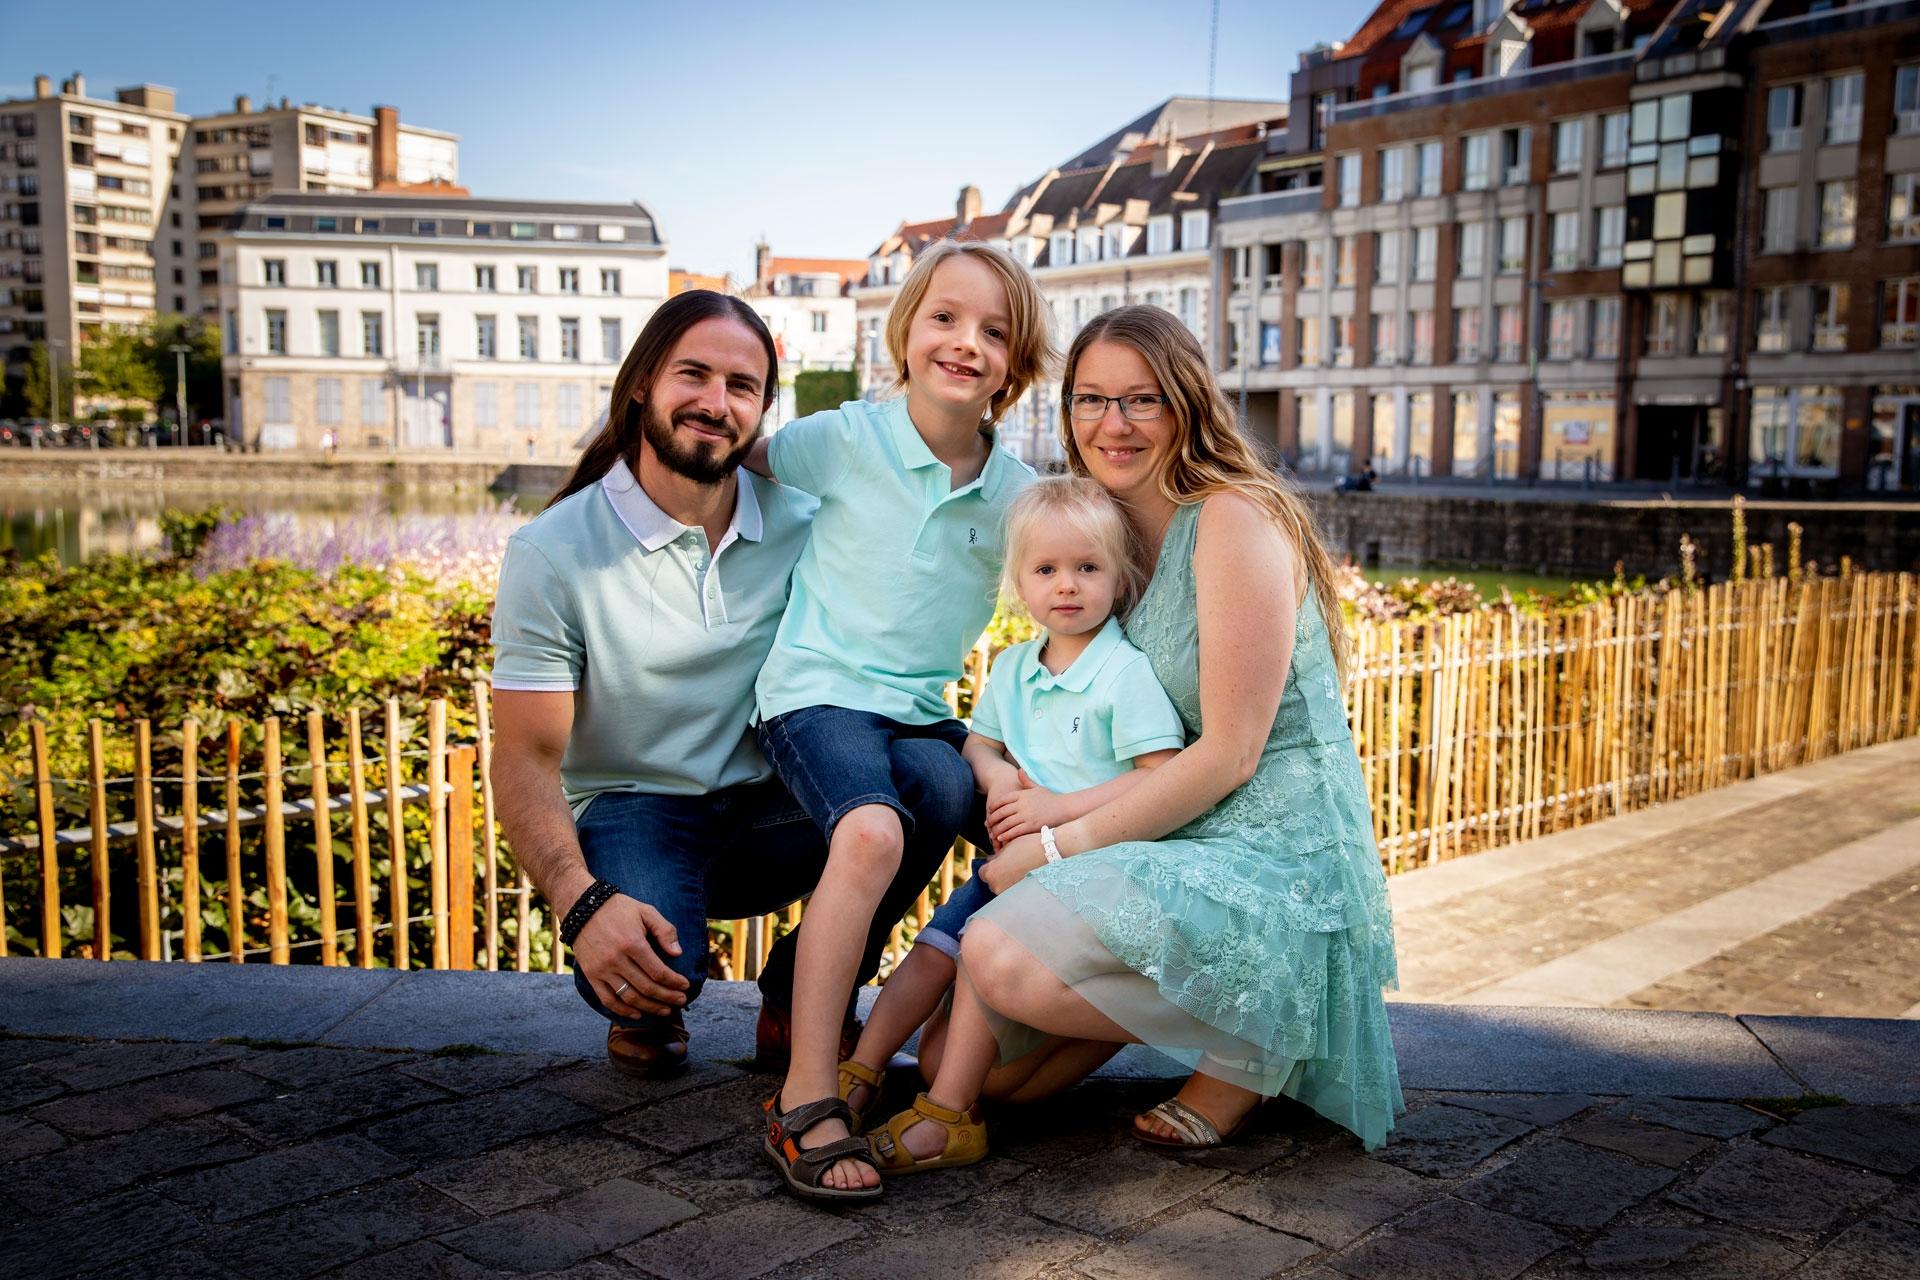 particuliers-portraits-engagement-famille-deltenre-2020-01